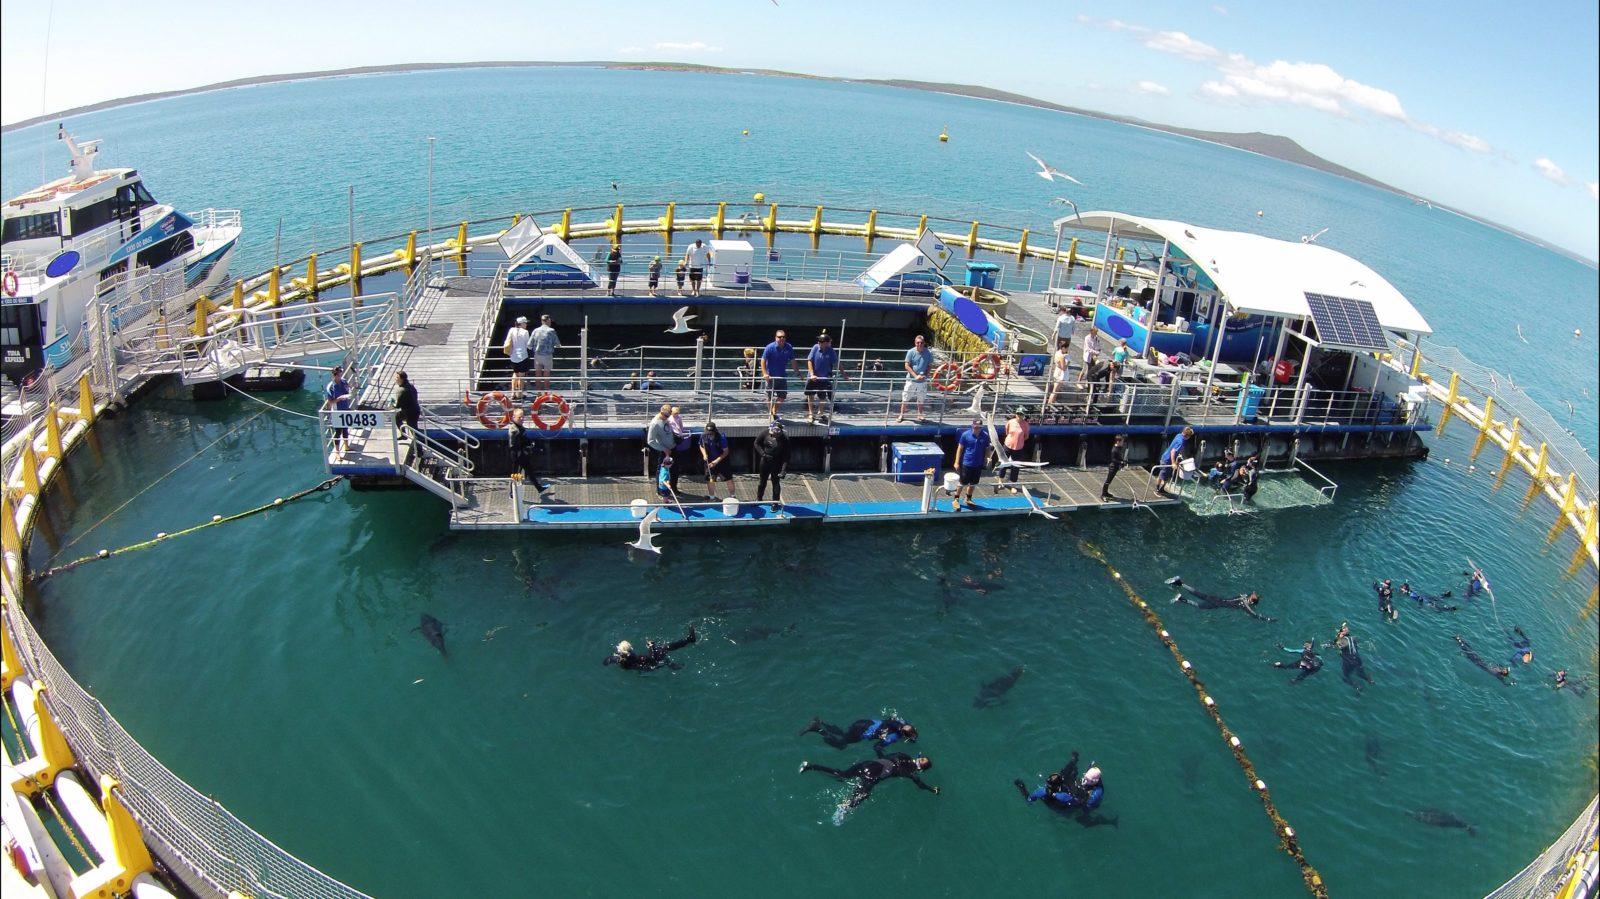 Happy days on Swim With the Tuna pontoon!